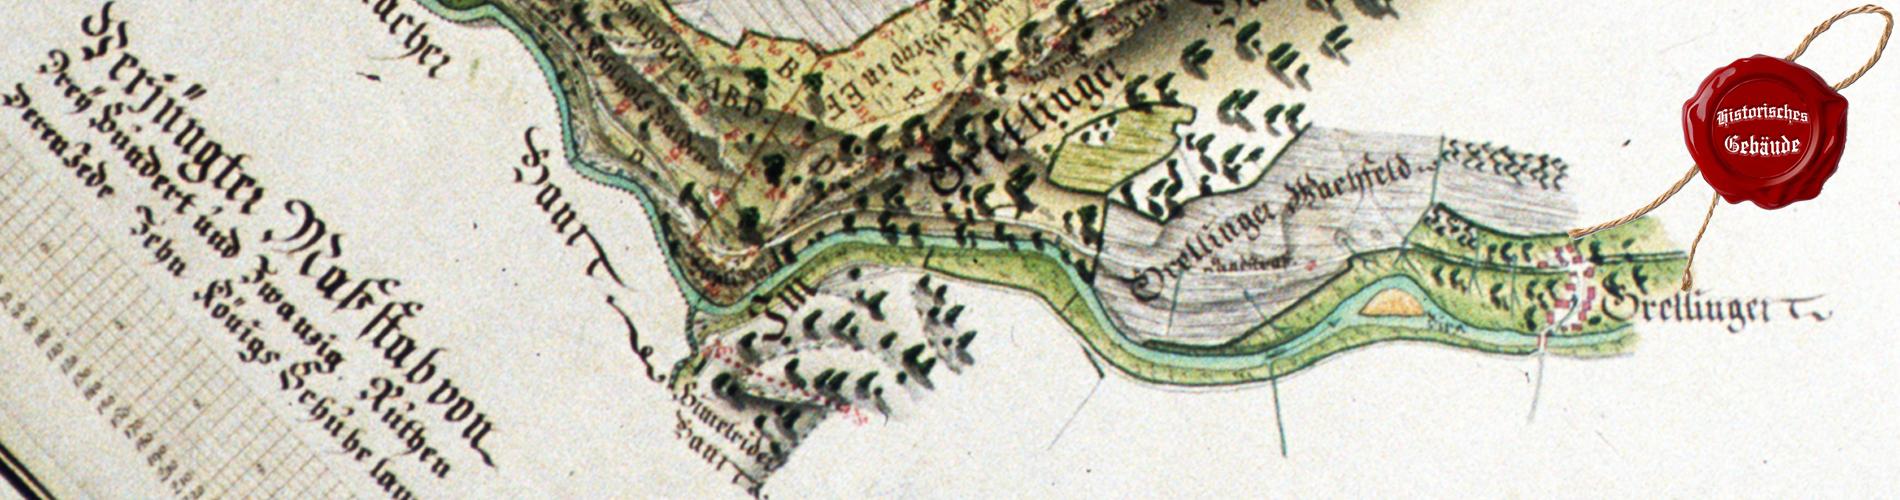 HISTORISCHE LIEGENSCHAFT AN IDYLLISCHER LAGE AN DER BIRS IN GRELLINGEN